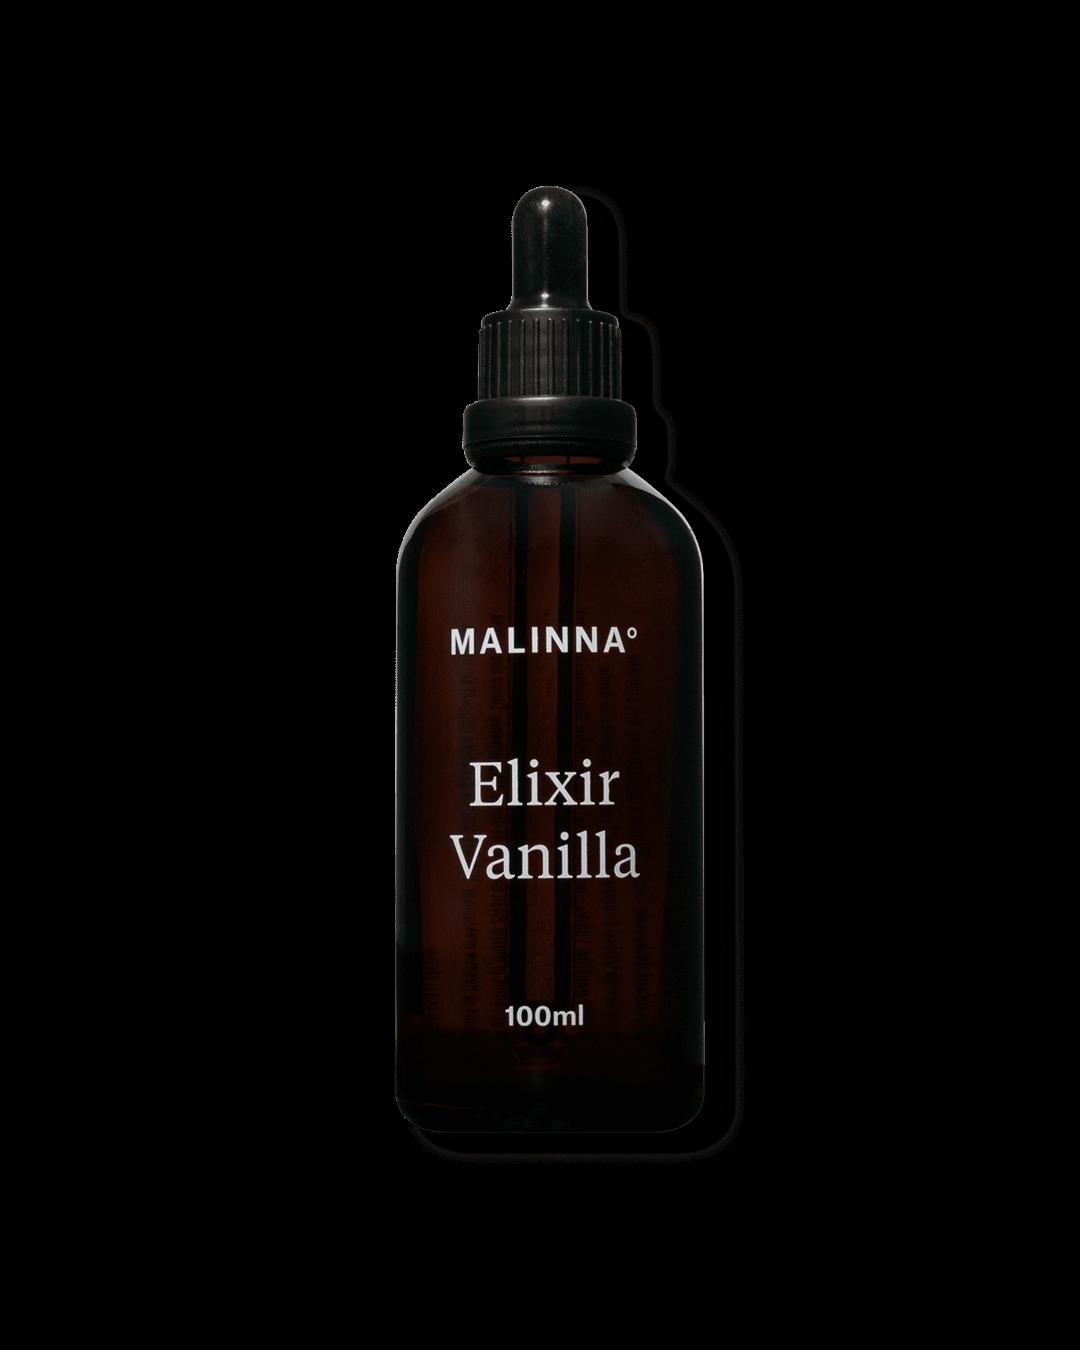 Elixir Vanilla